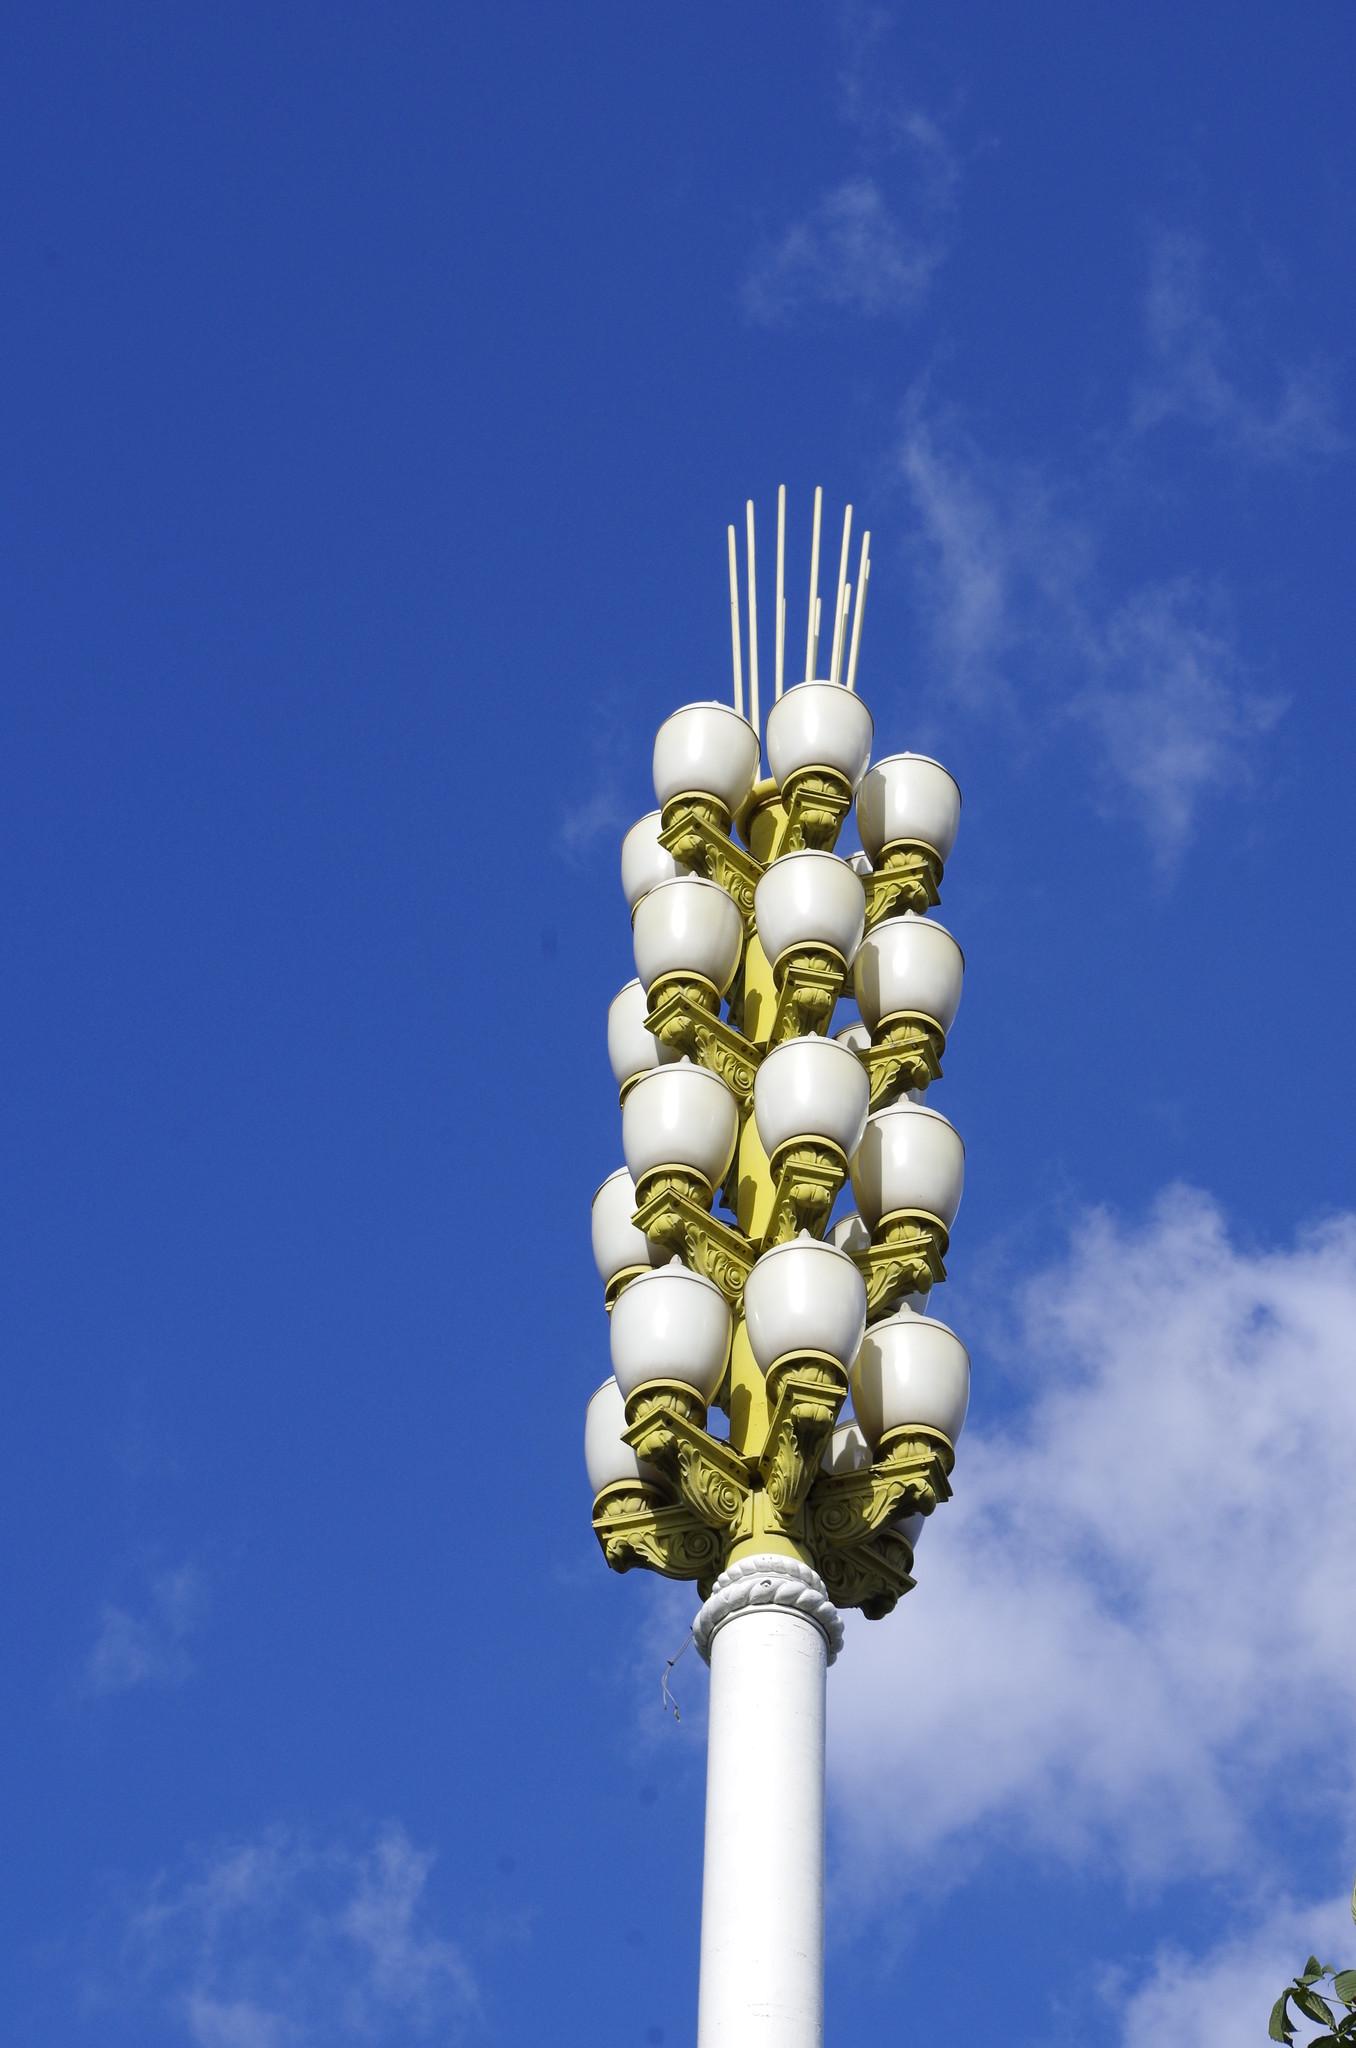 Фонари «Колос» («Пучок») освещают Главную аллею ВДНХ